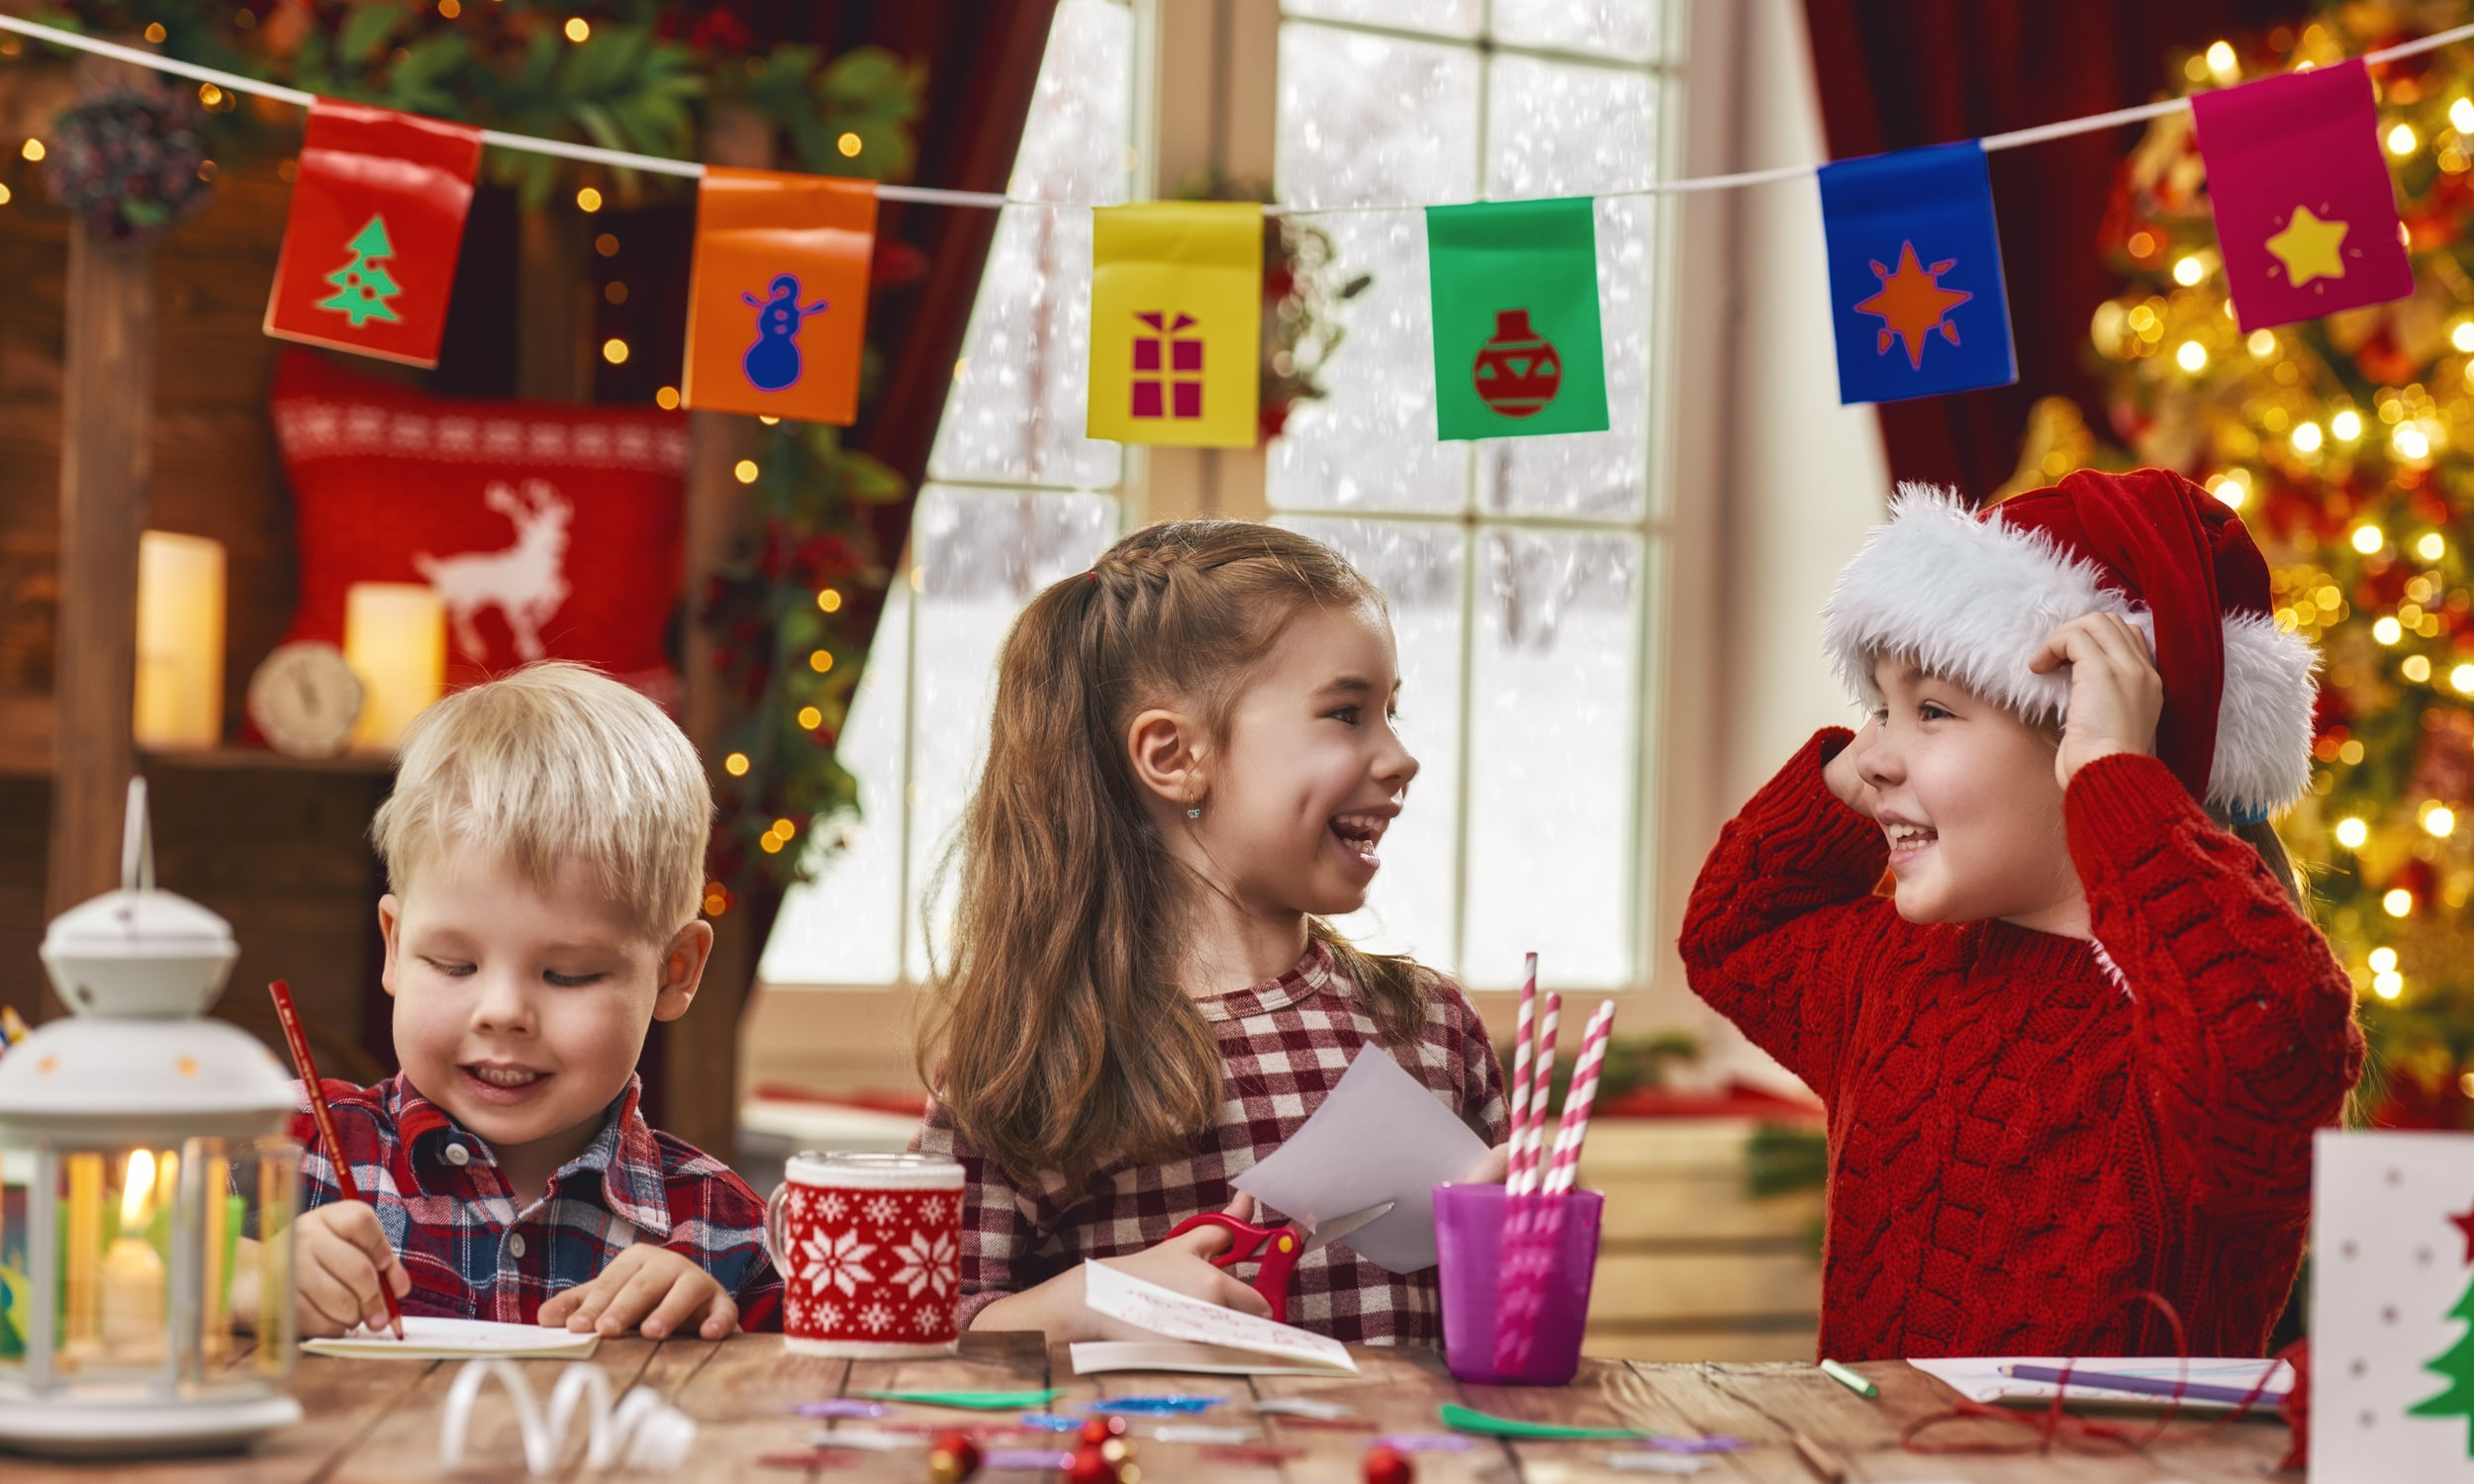 vaikai mokykloje gamina ir keiciasi kaledinemis dovanomis ir dekoracijomis